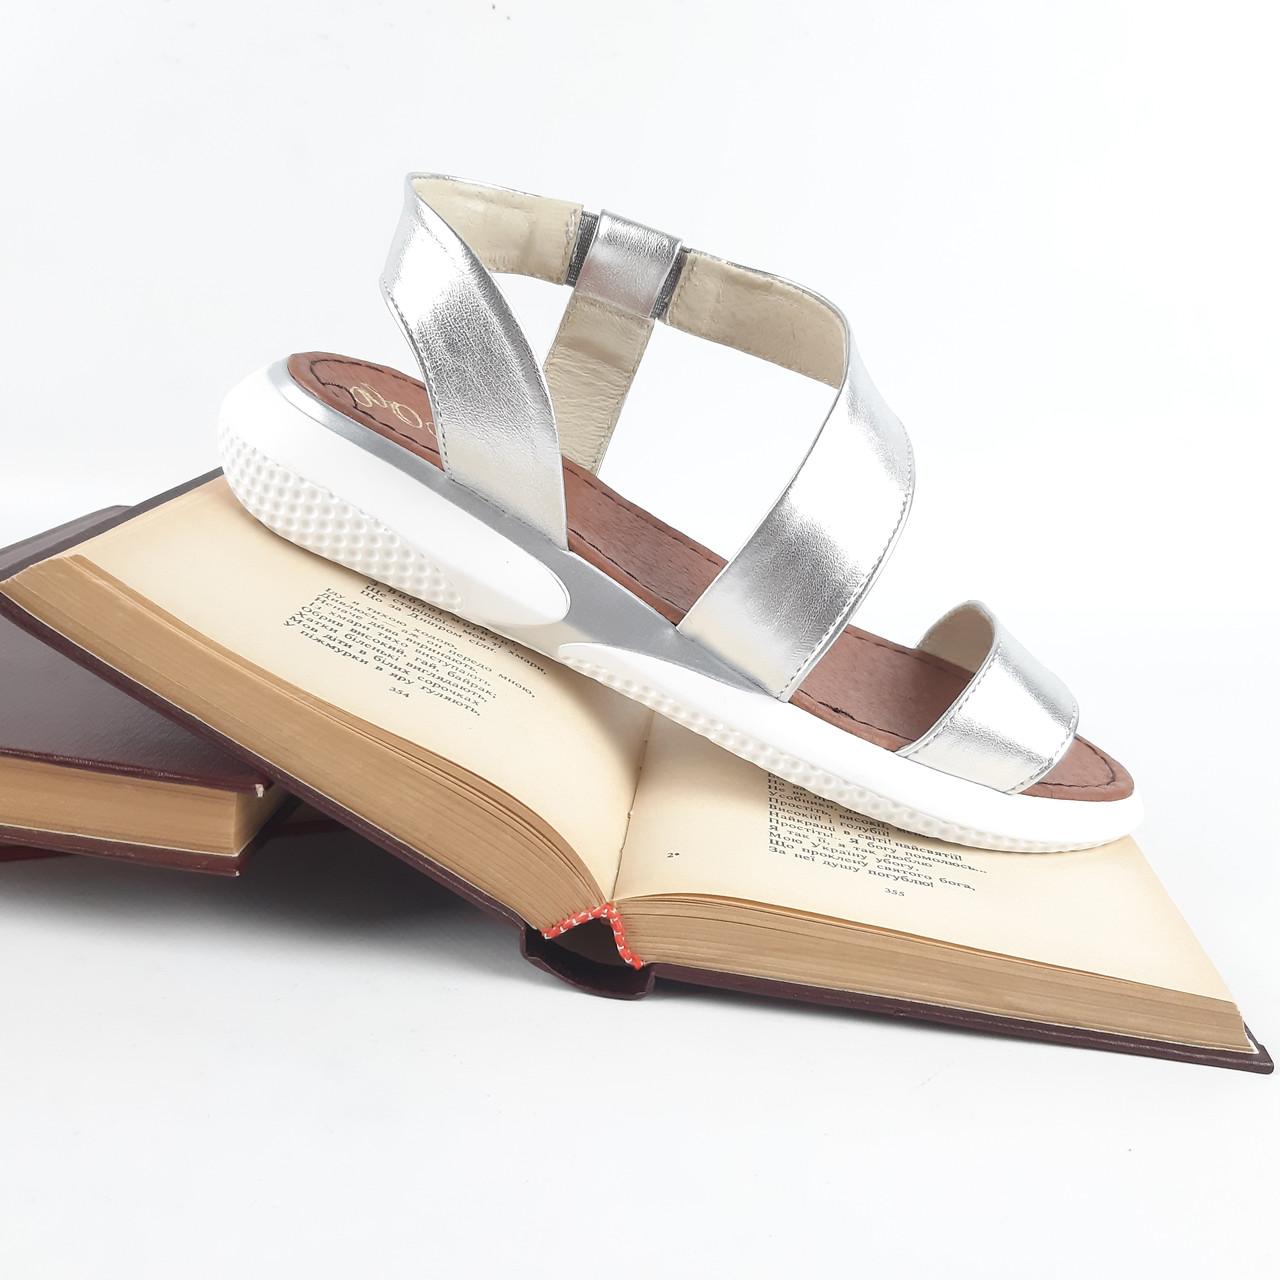 Удобные женские сандалии разных цветов на резинке.